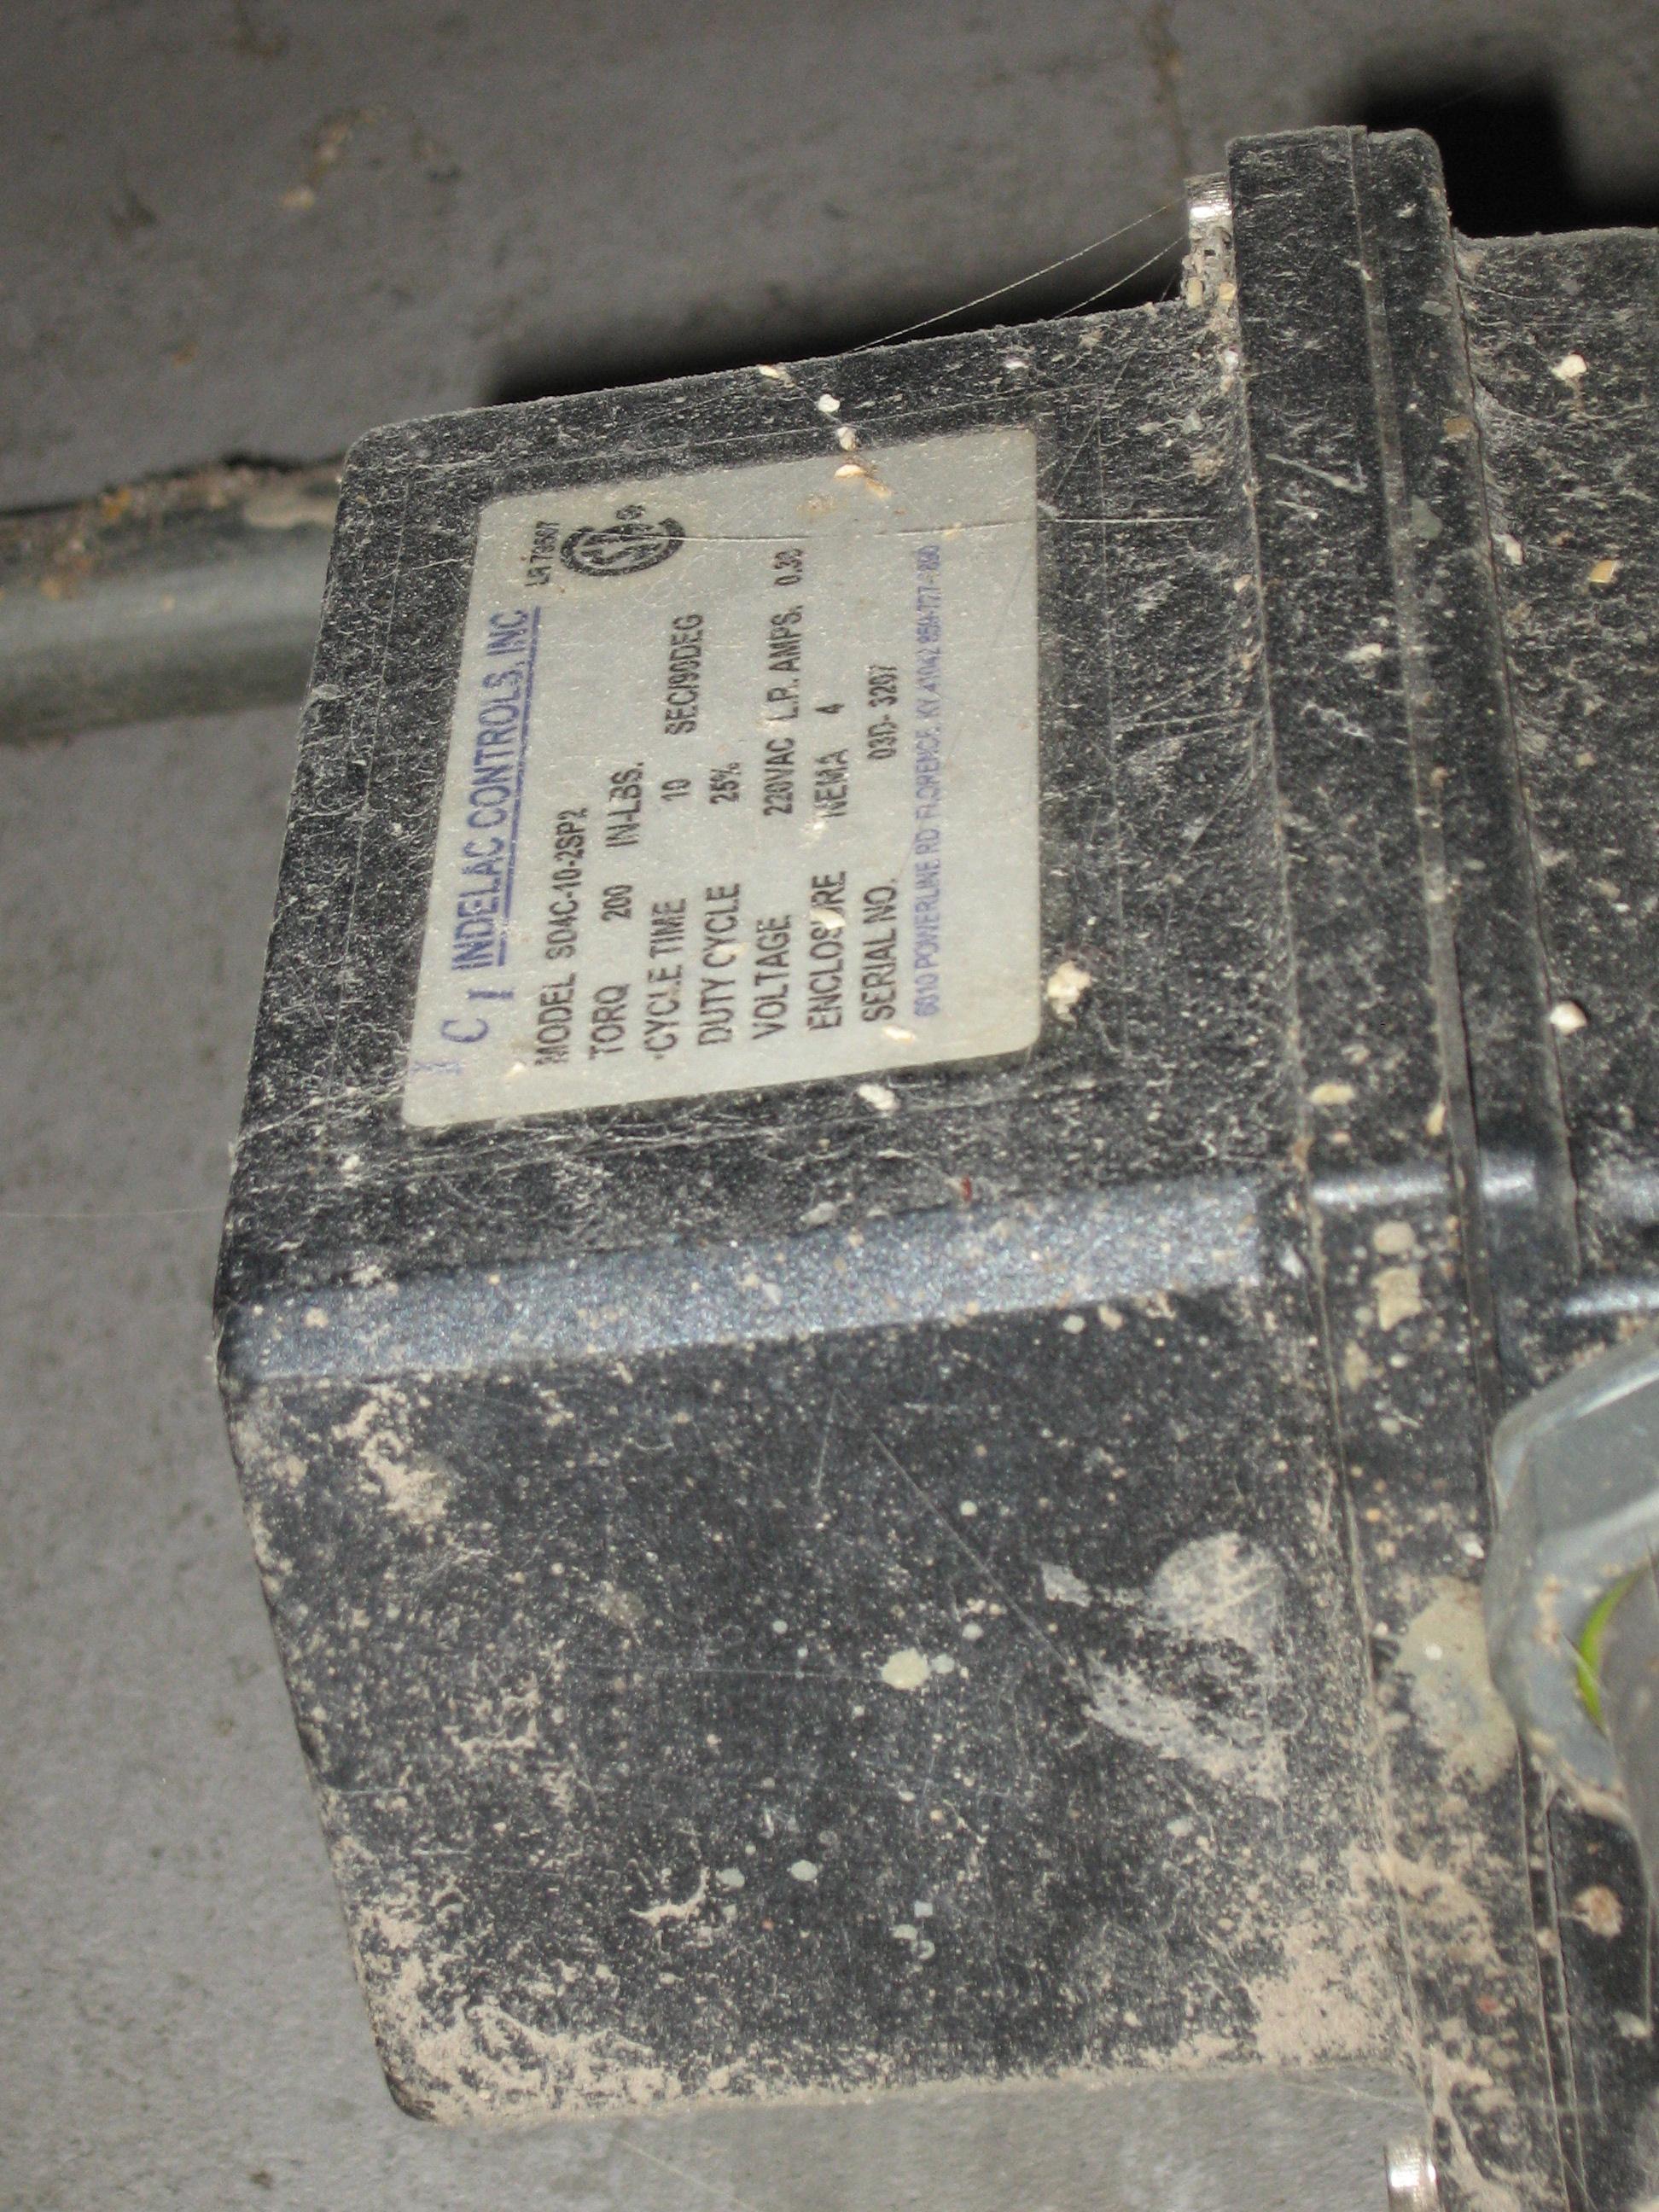 Indelac Vavle Actutor Repair